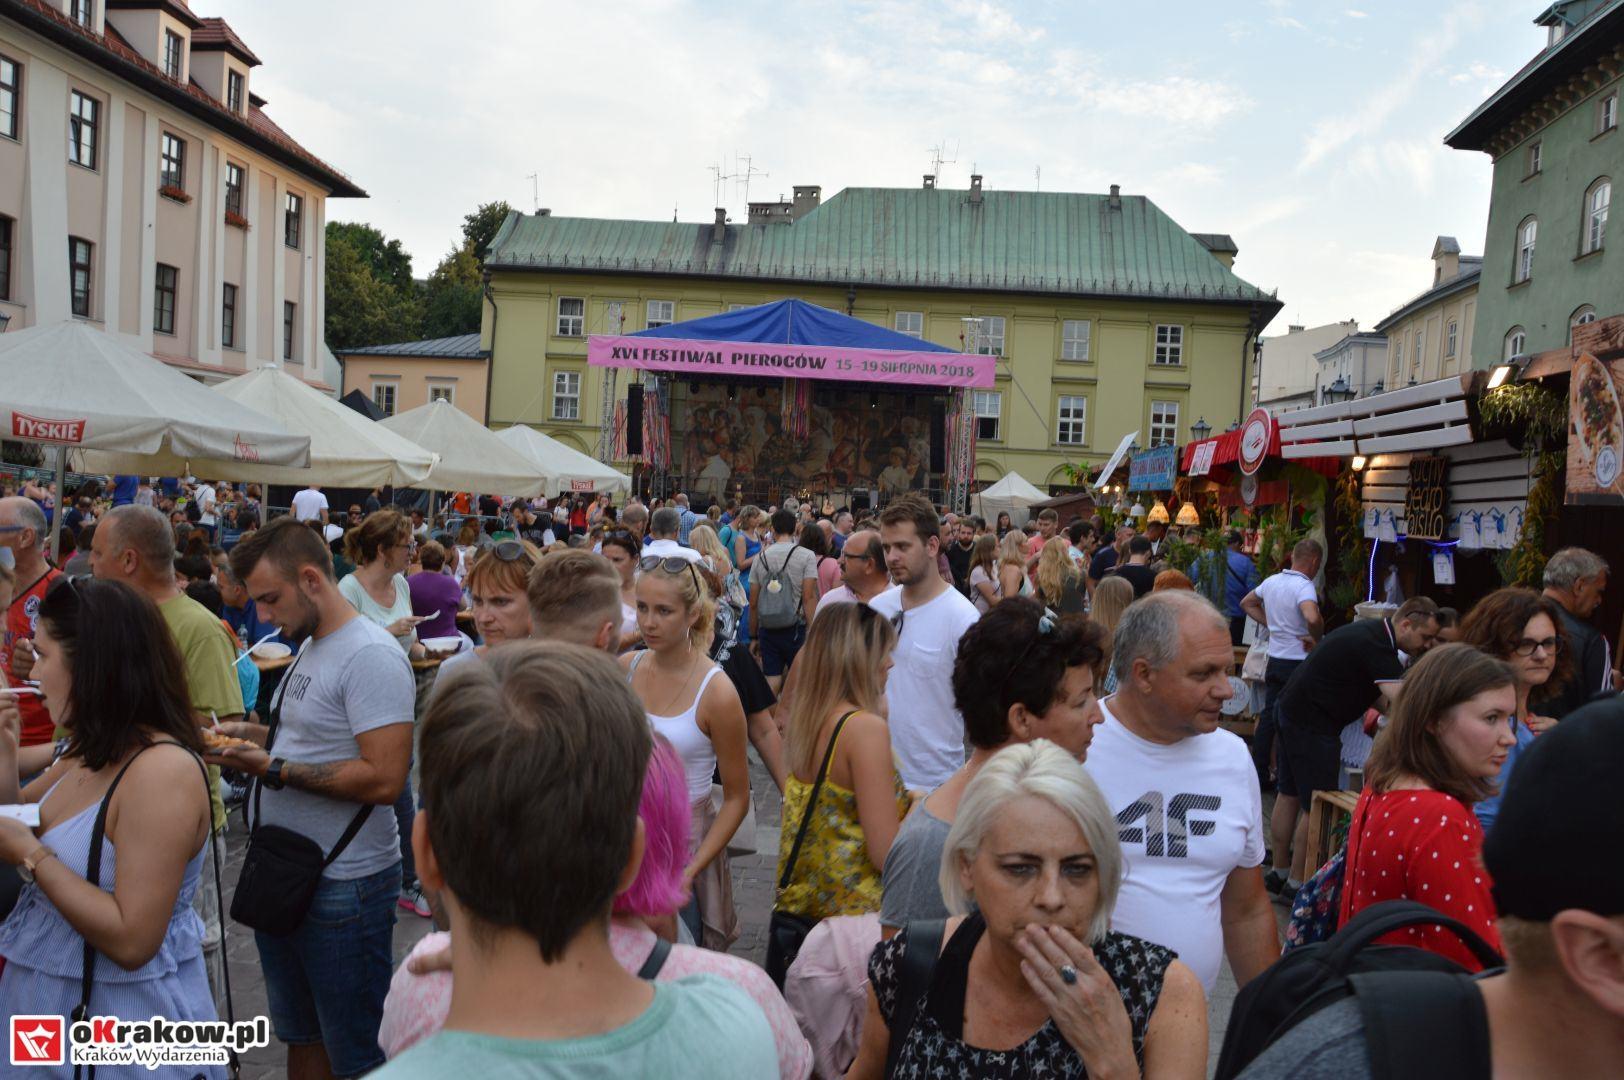 krakow festiwal pierogow maly rynek koncert cheap tobacco 56 150x150 - Galeria zdjęć Festiwal Pierogów Kraków 2018 + zdjęcia z koncertu Cheap Tobacco